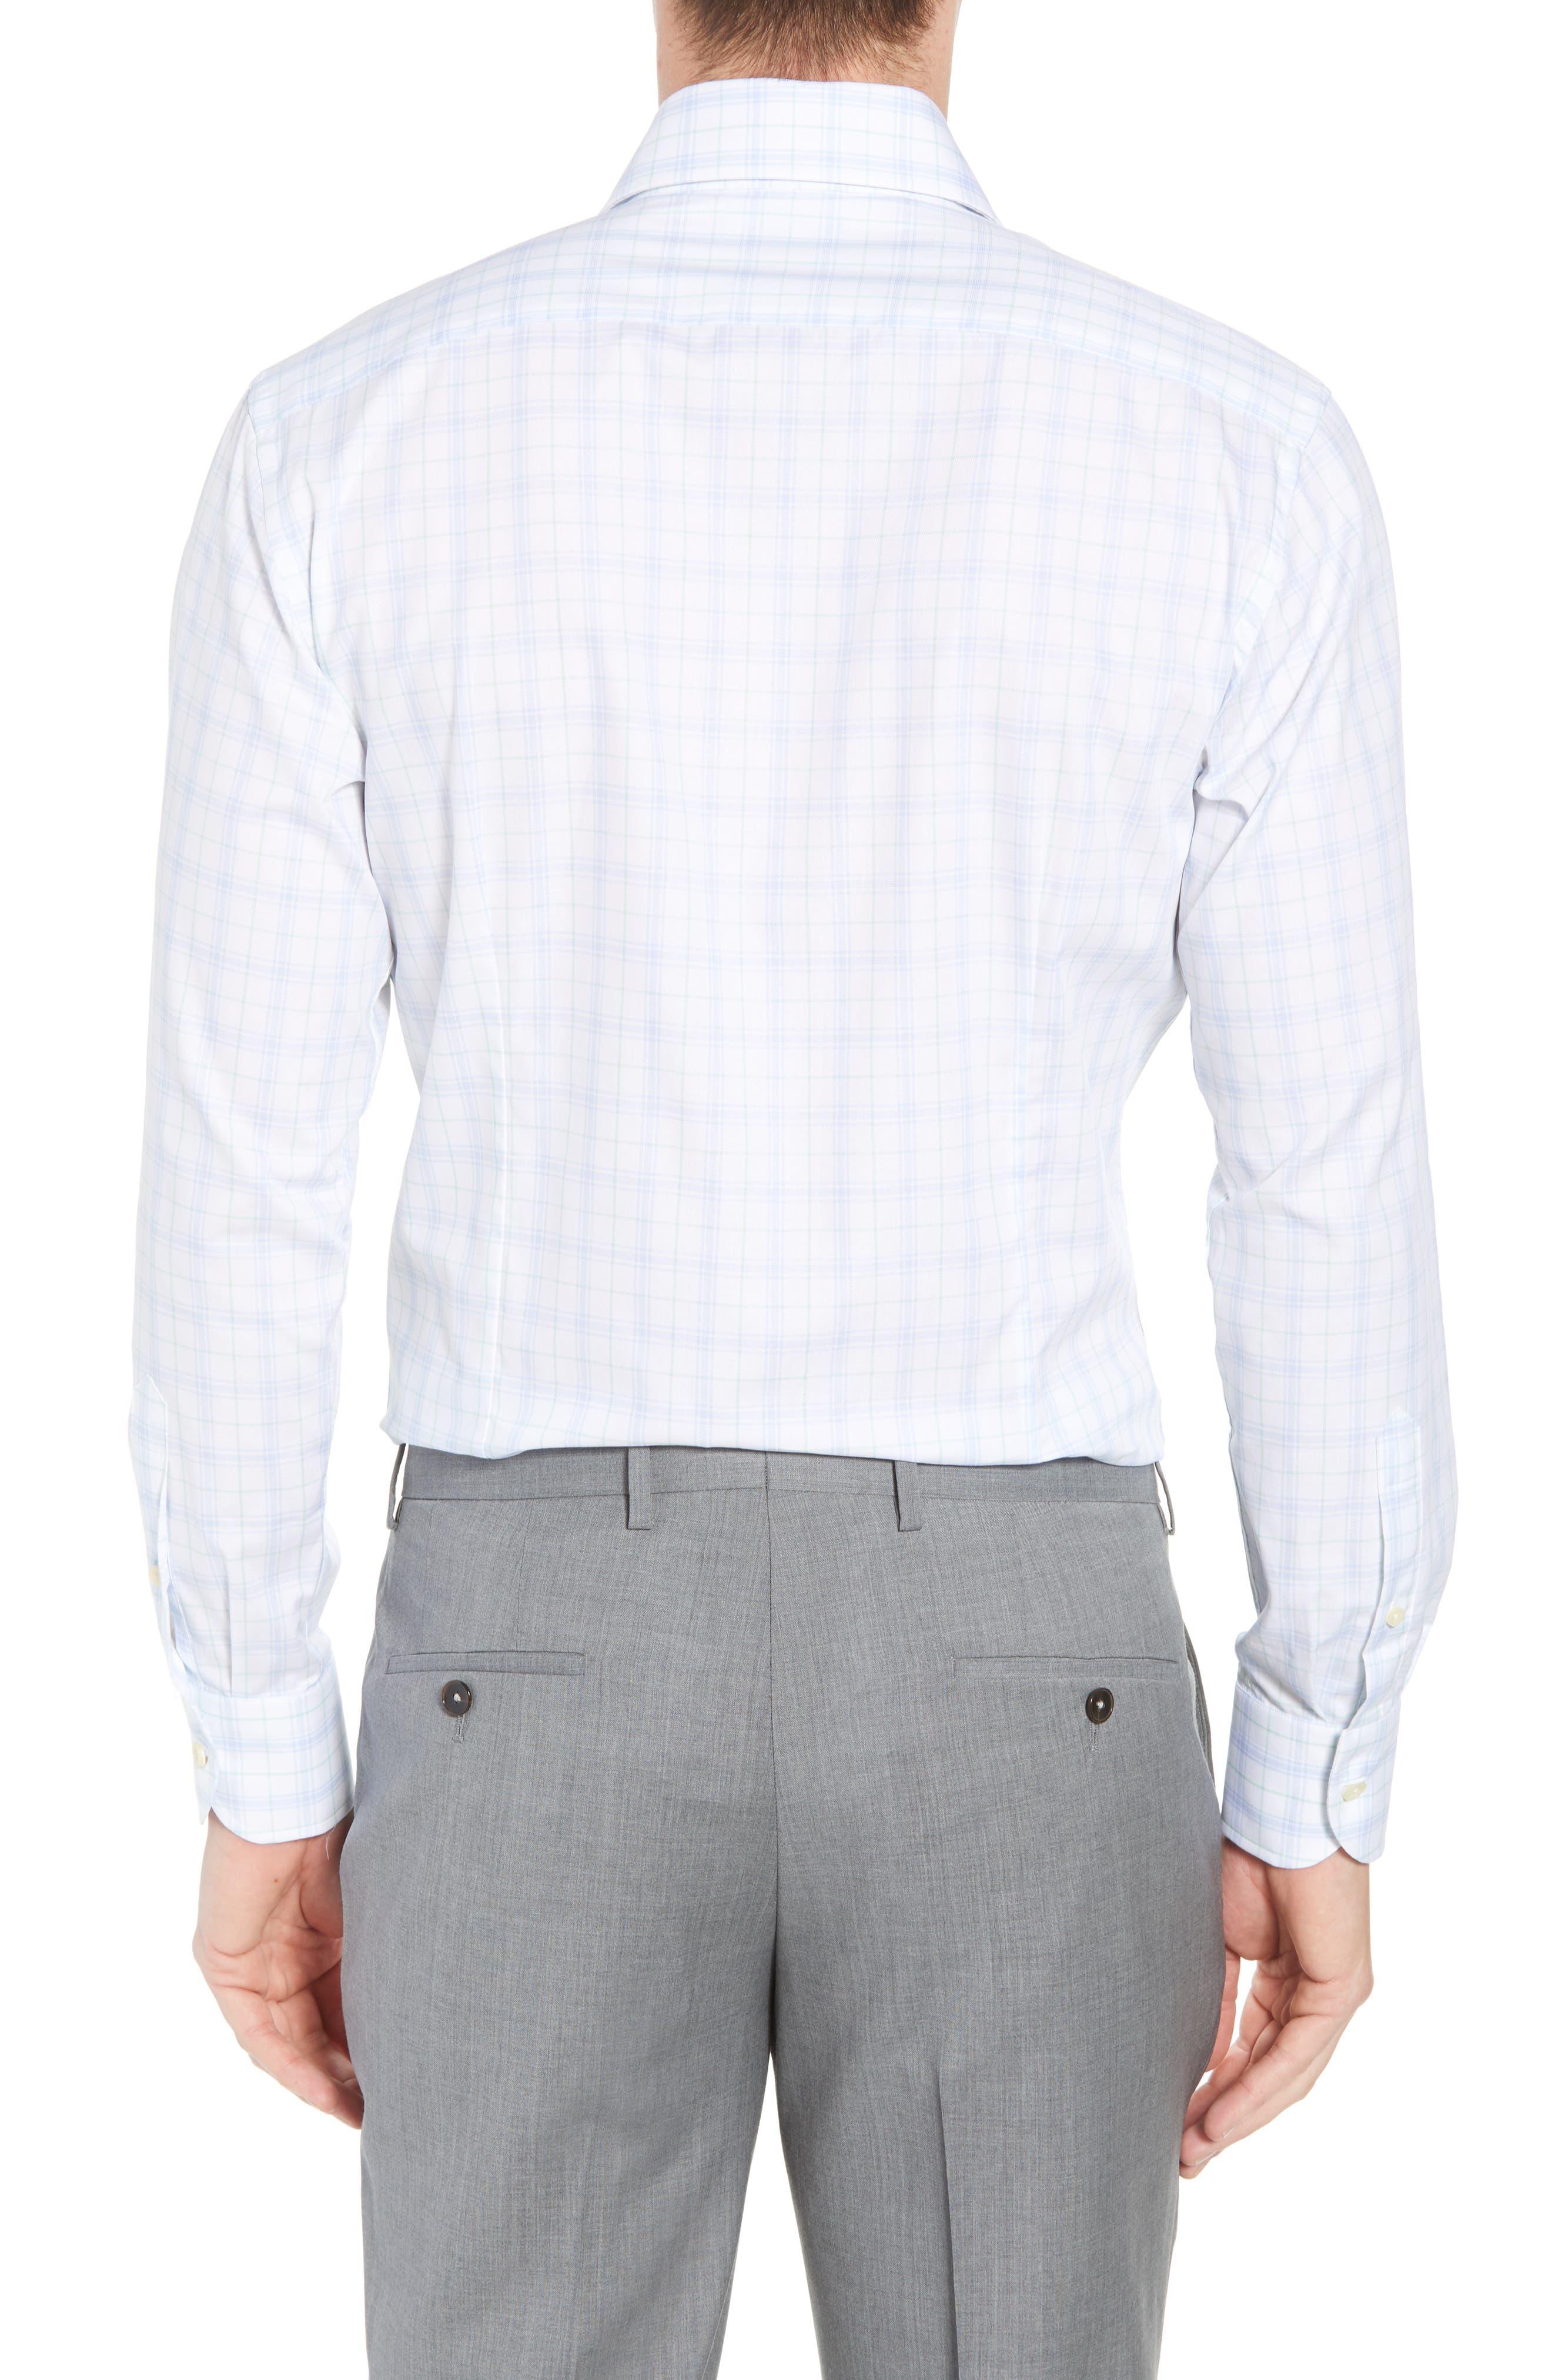 Lymann Trim Fit Plaid Dress Shirt,                             Alternate thumbnail 3, color,                             410